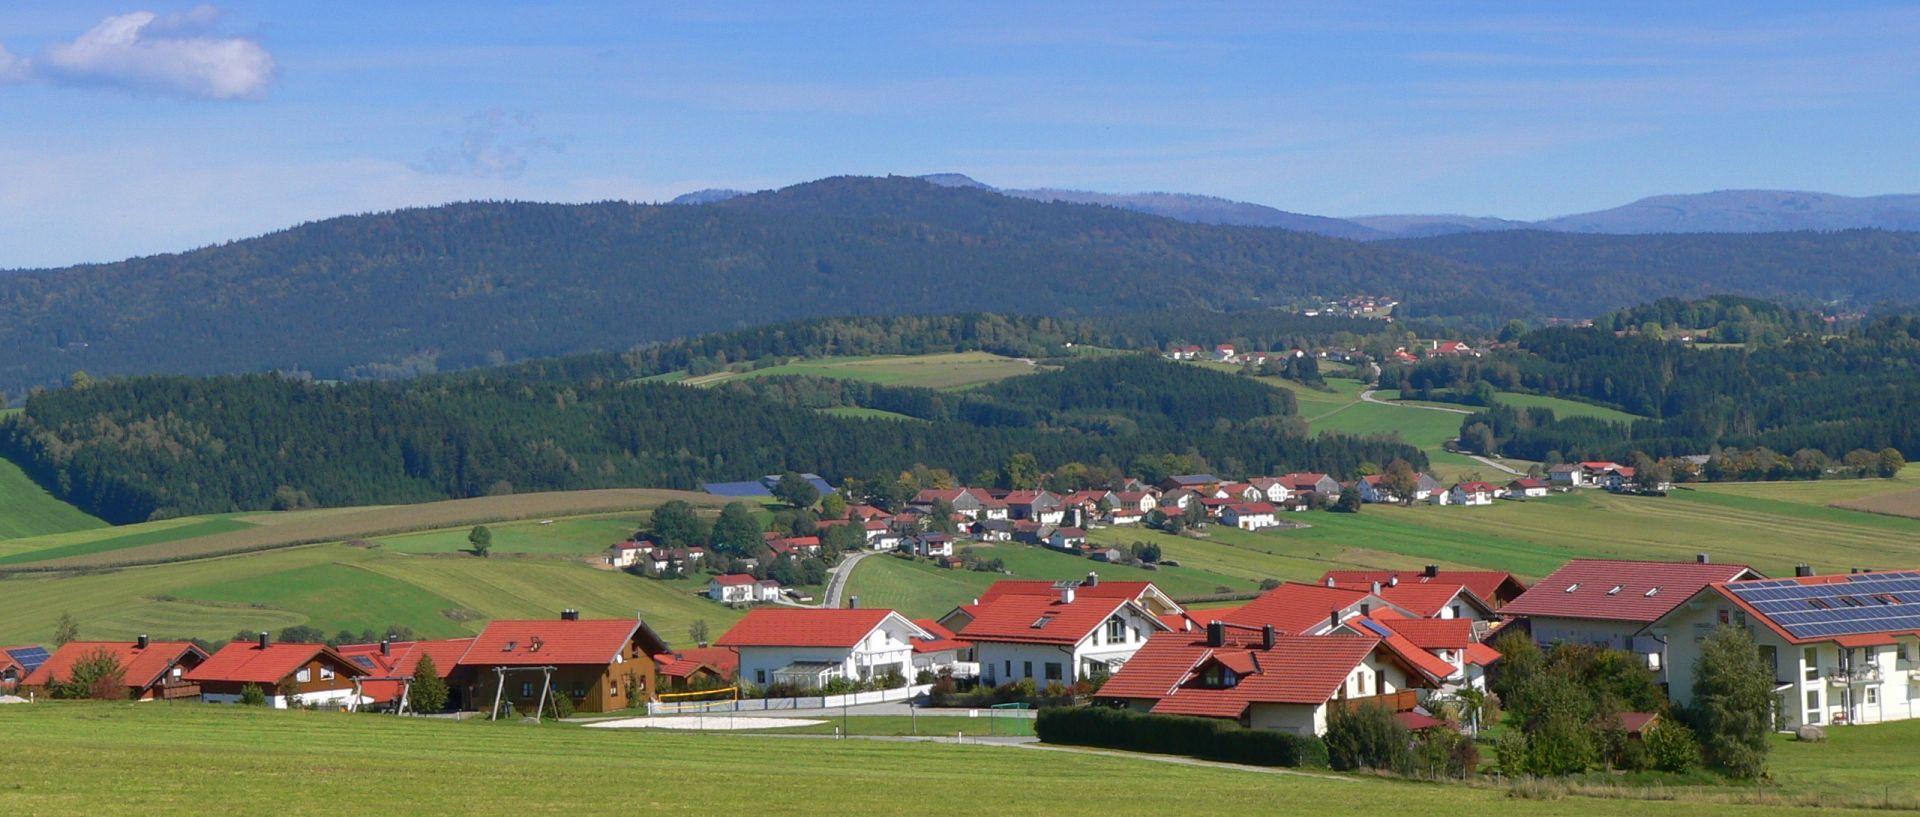 kirchberg-im-bayerischen-wald-landschaft-berge-urlaub-1920